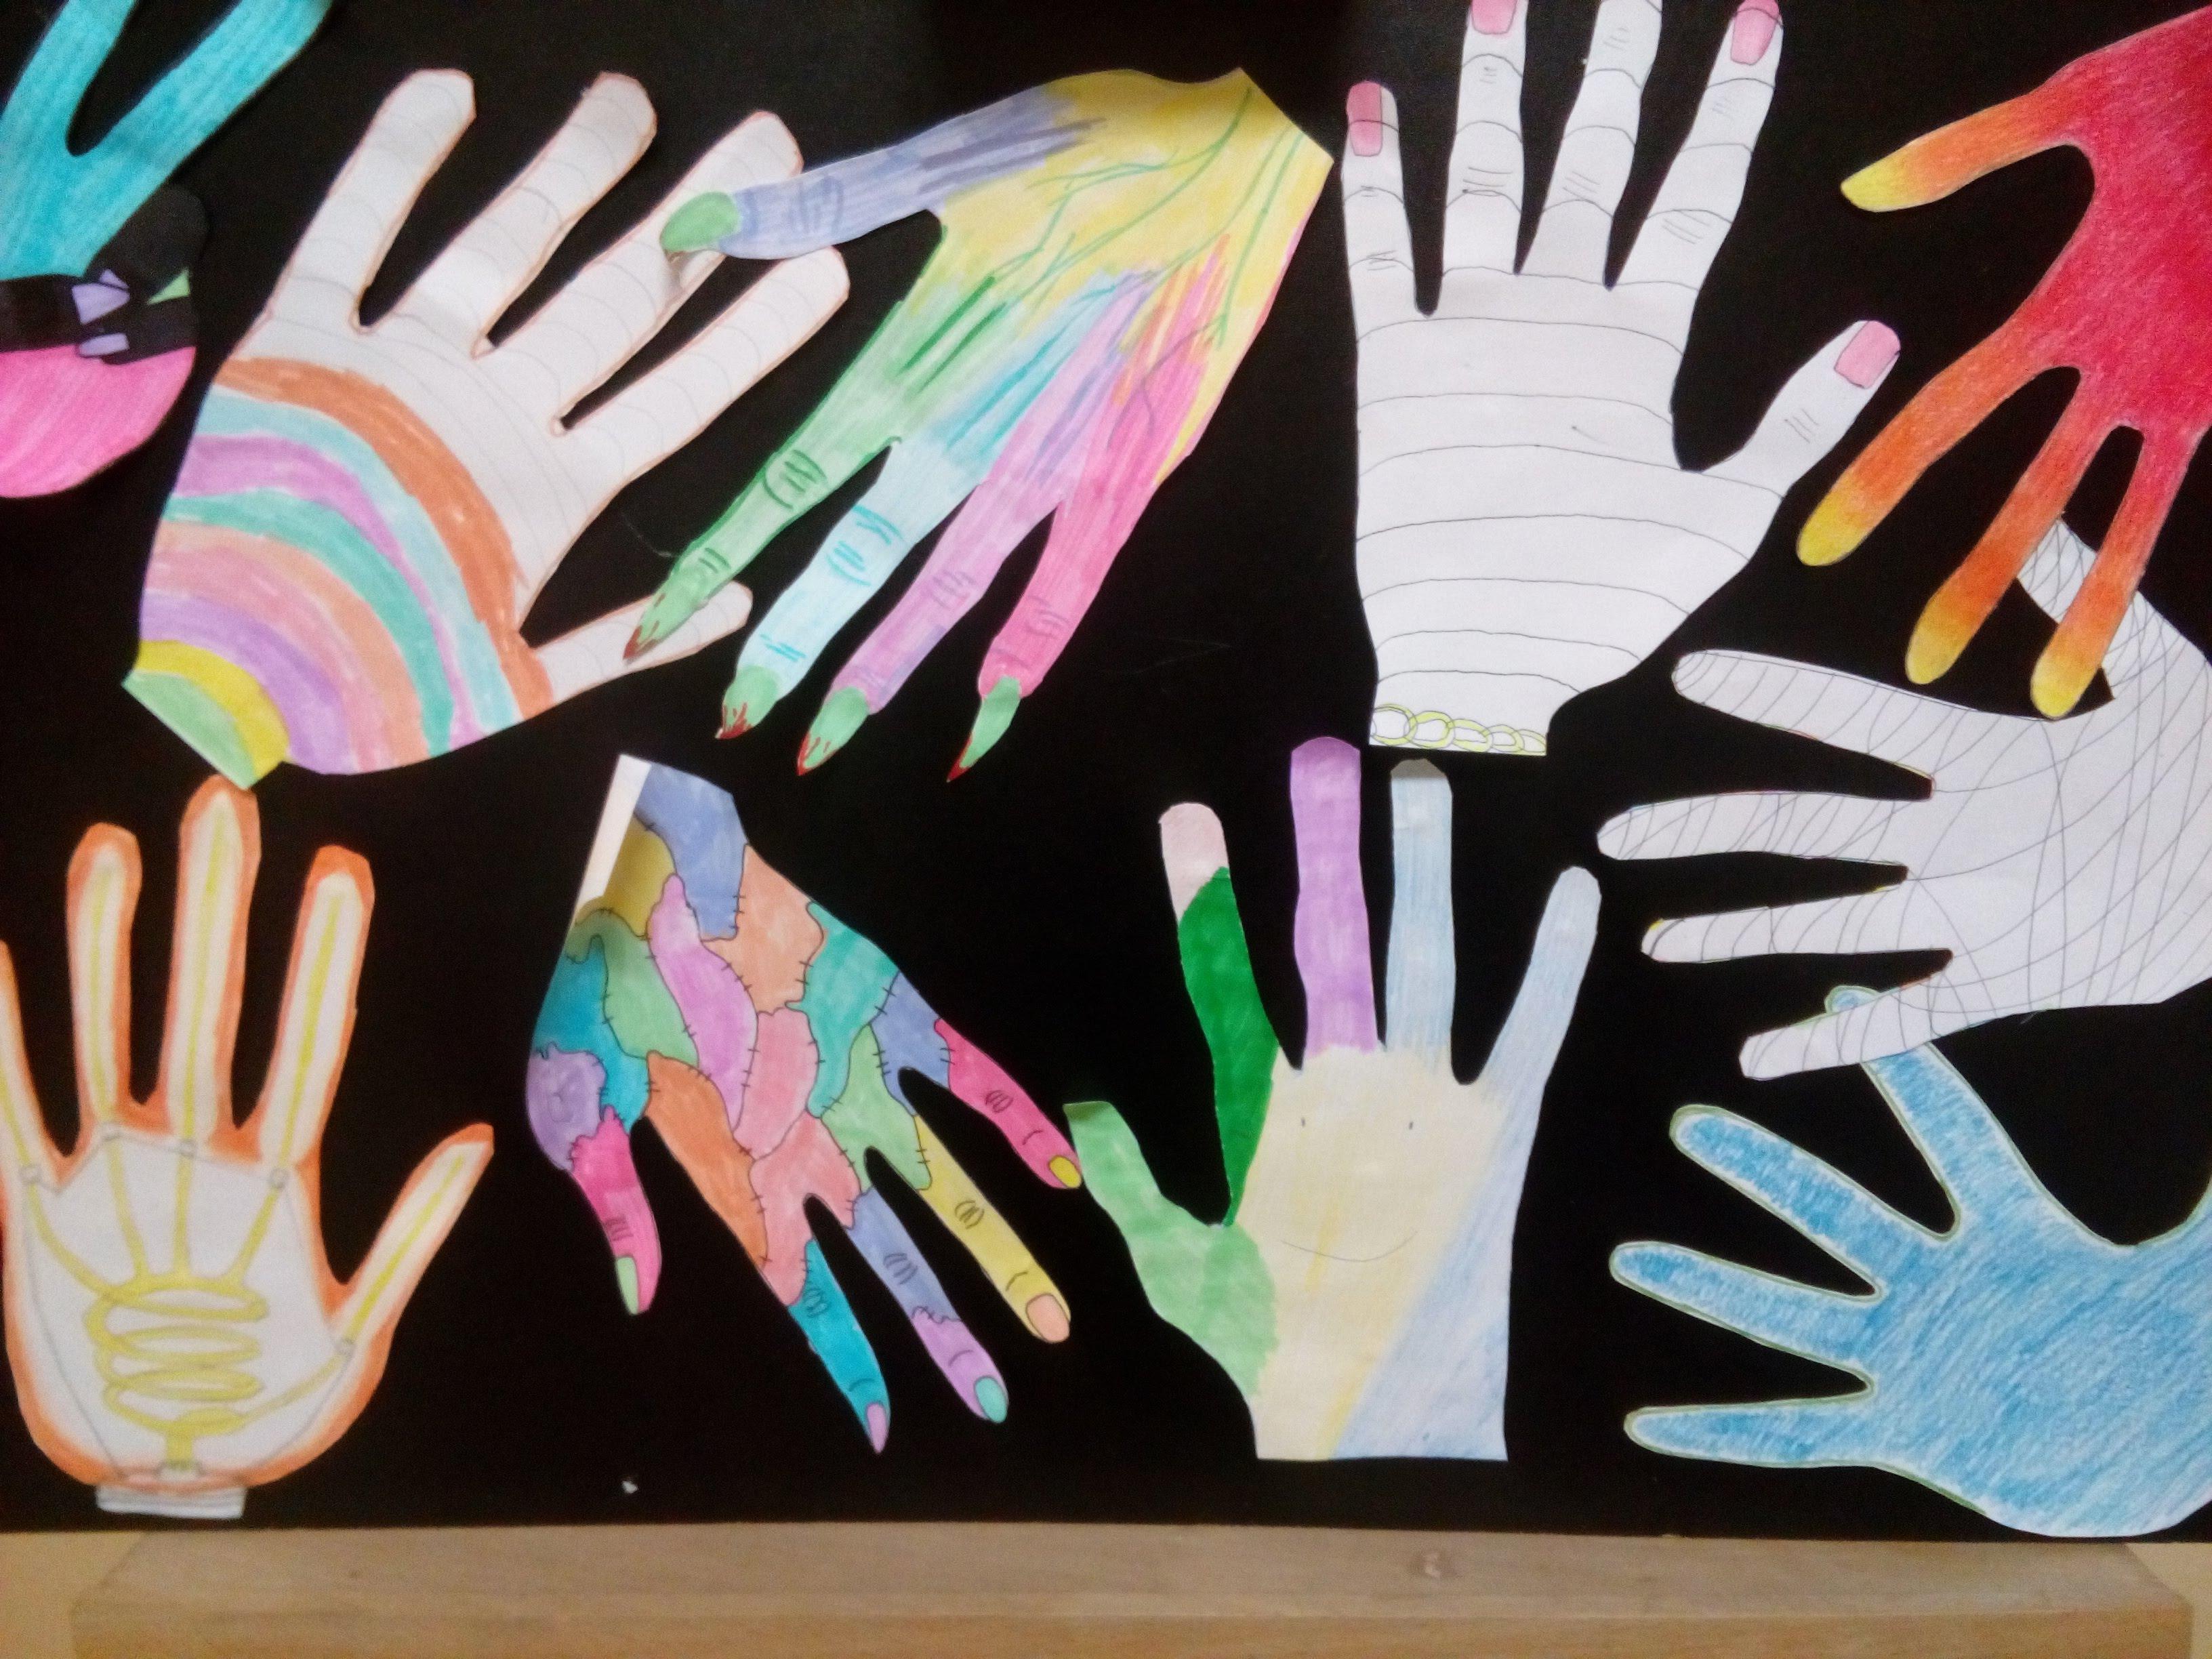 Projekt kl Dp, dłonie fowistyczne